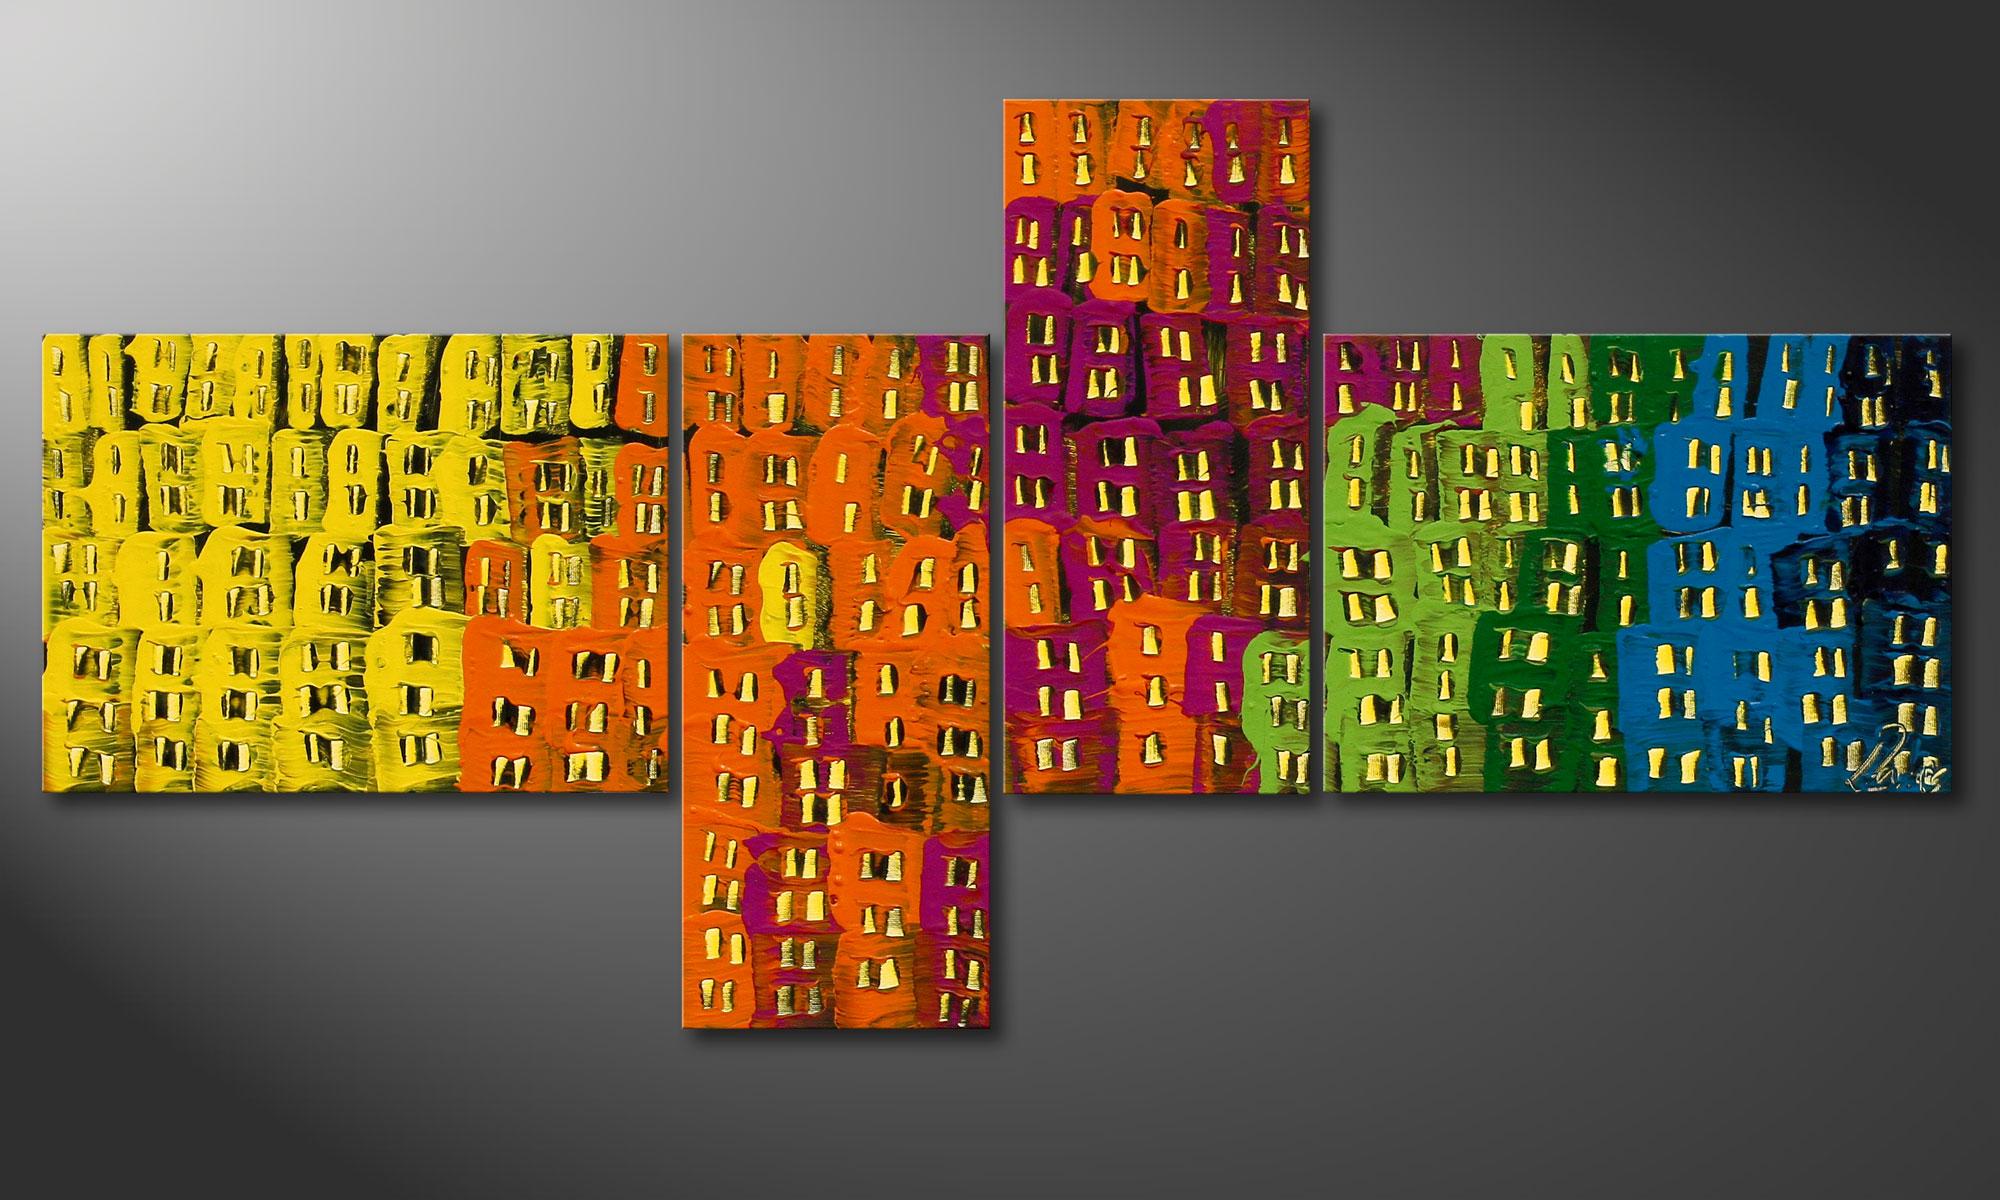 Das deko wandbild crazy town 120x60cm wandbilder xxl for Deko wandbilder